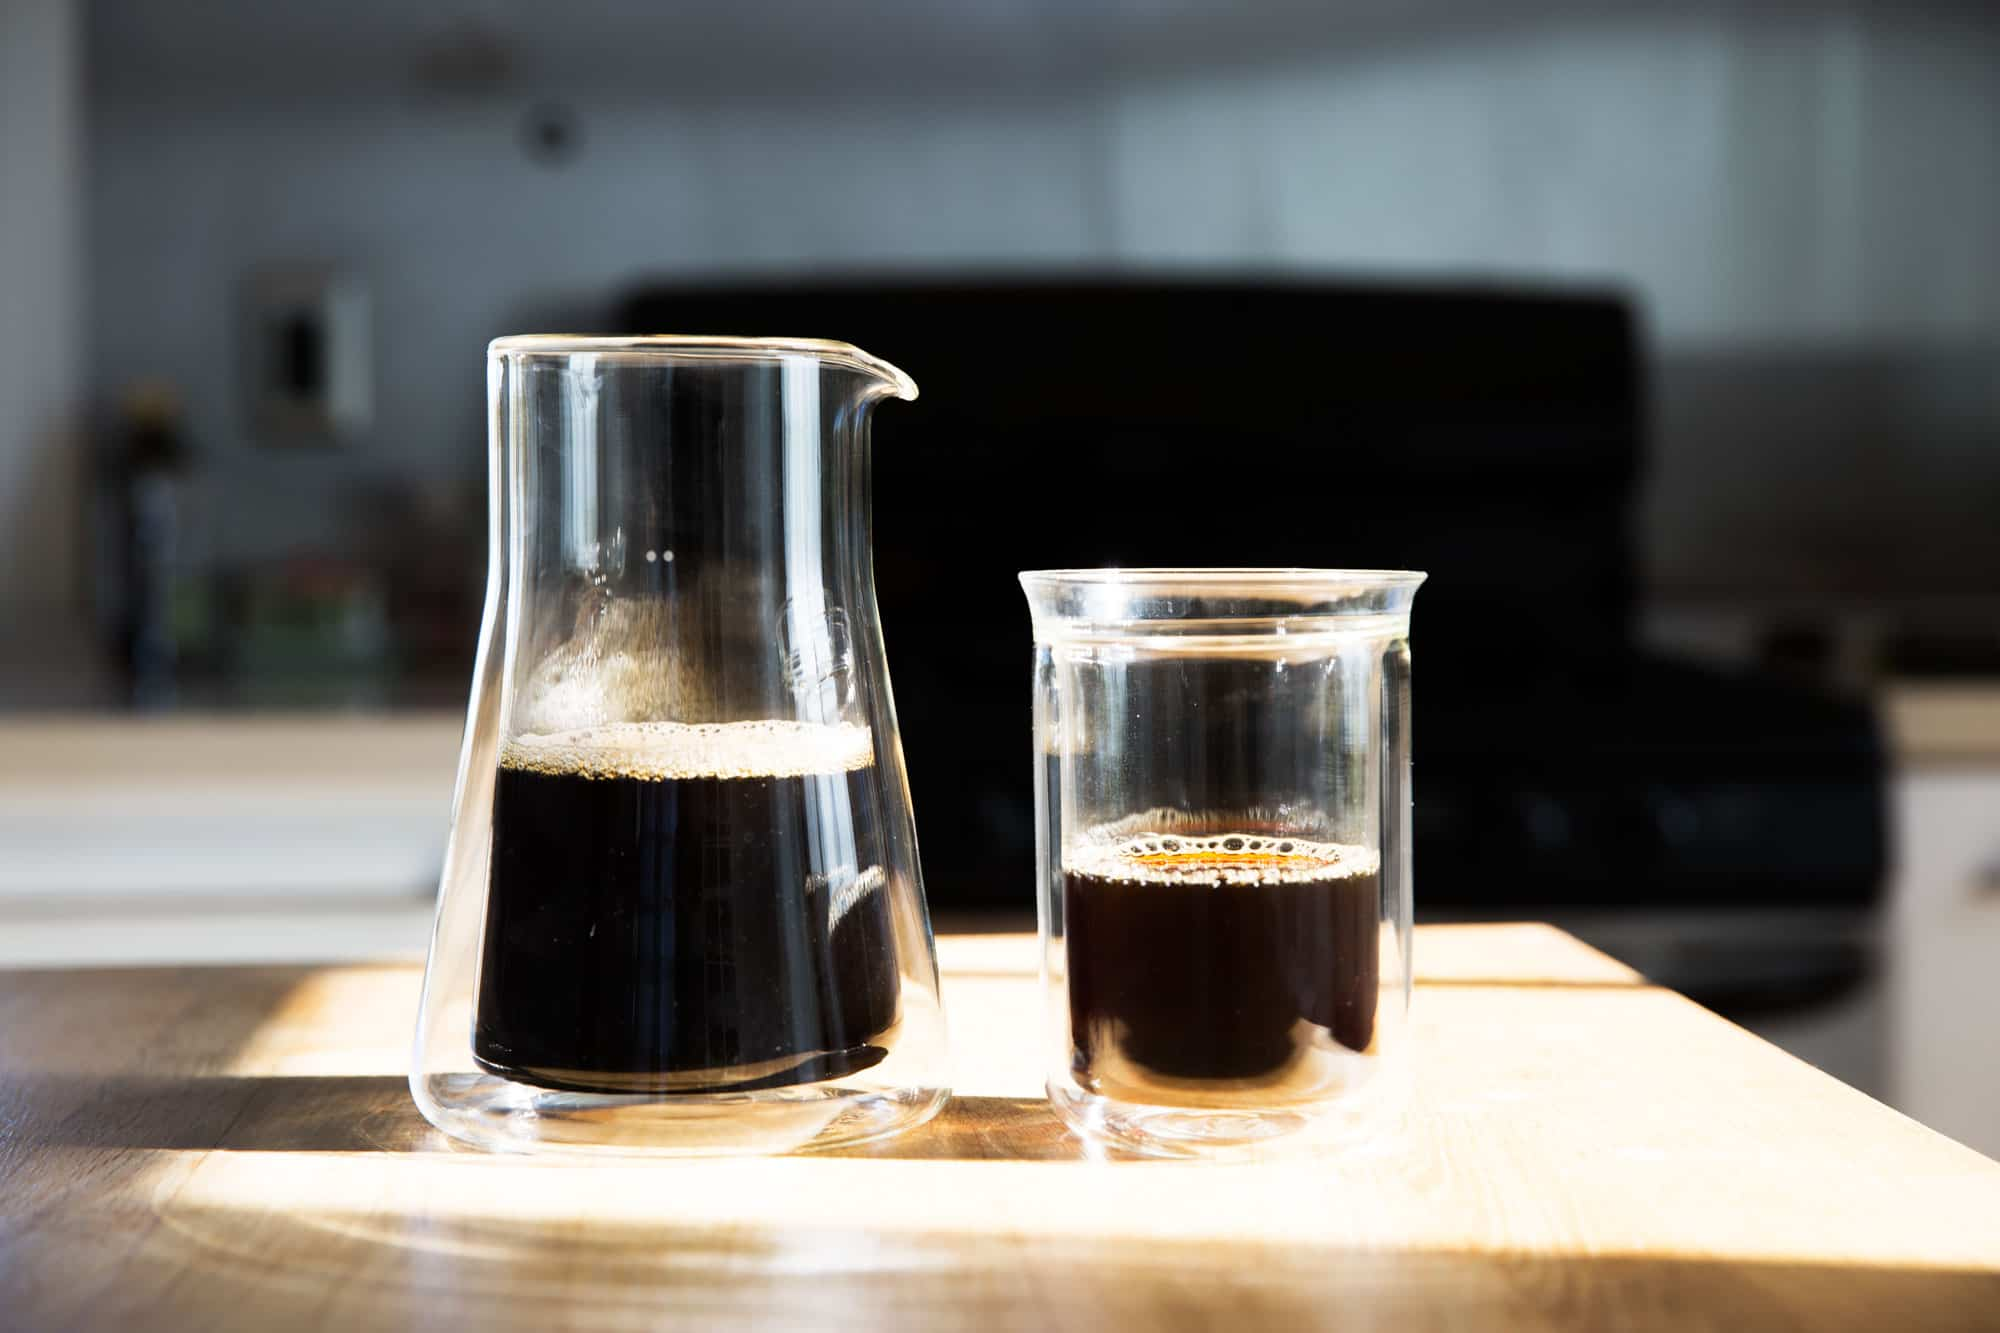 تهیه قهوه اسپرسو بدون دستگاه